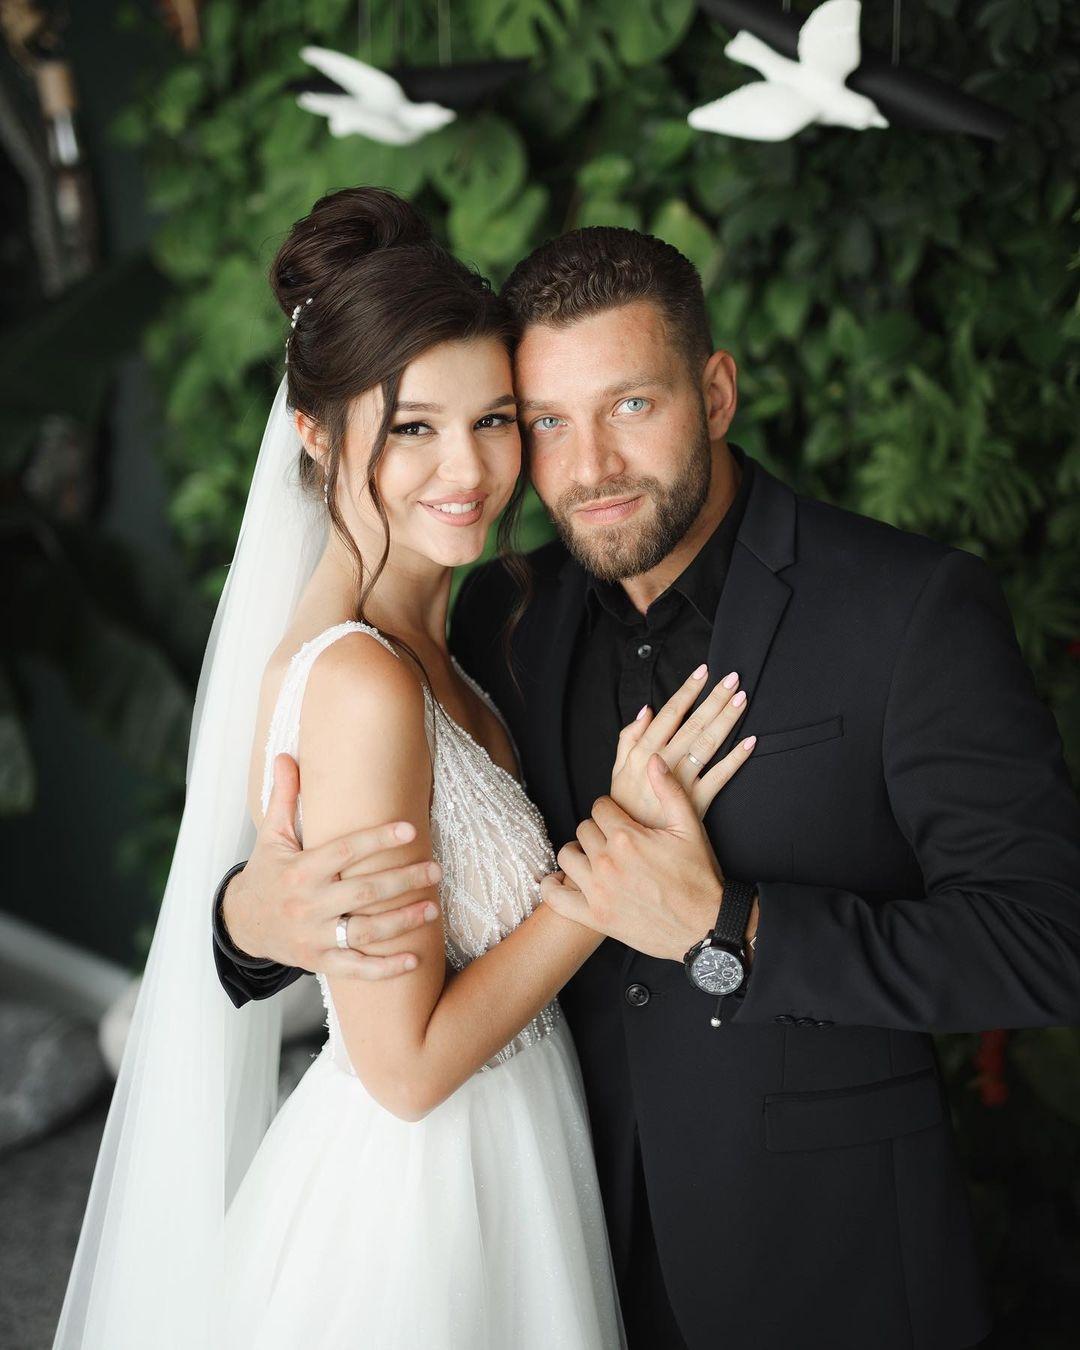 юля зайка вышла замуж